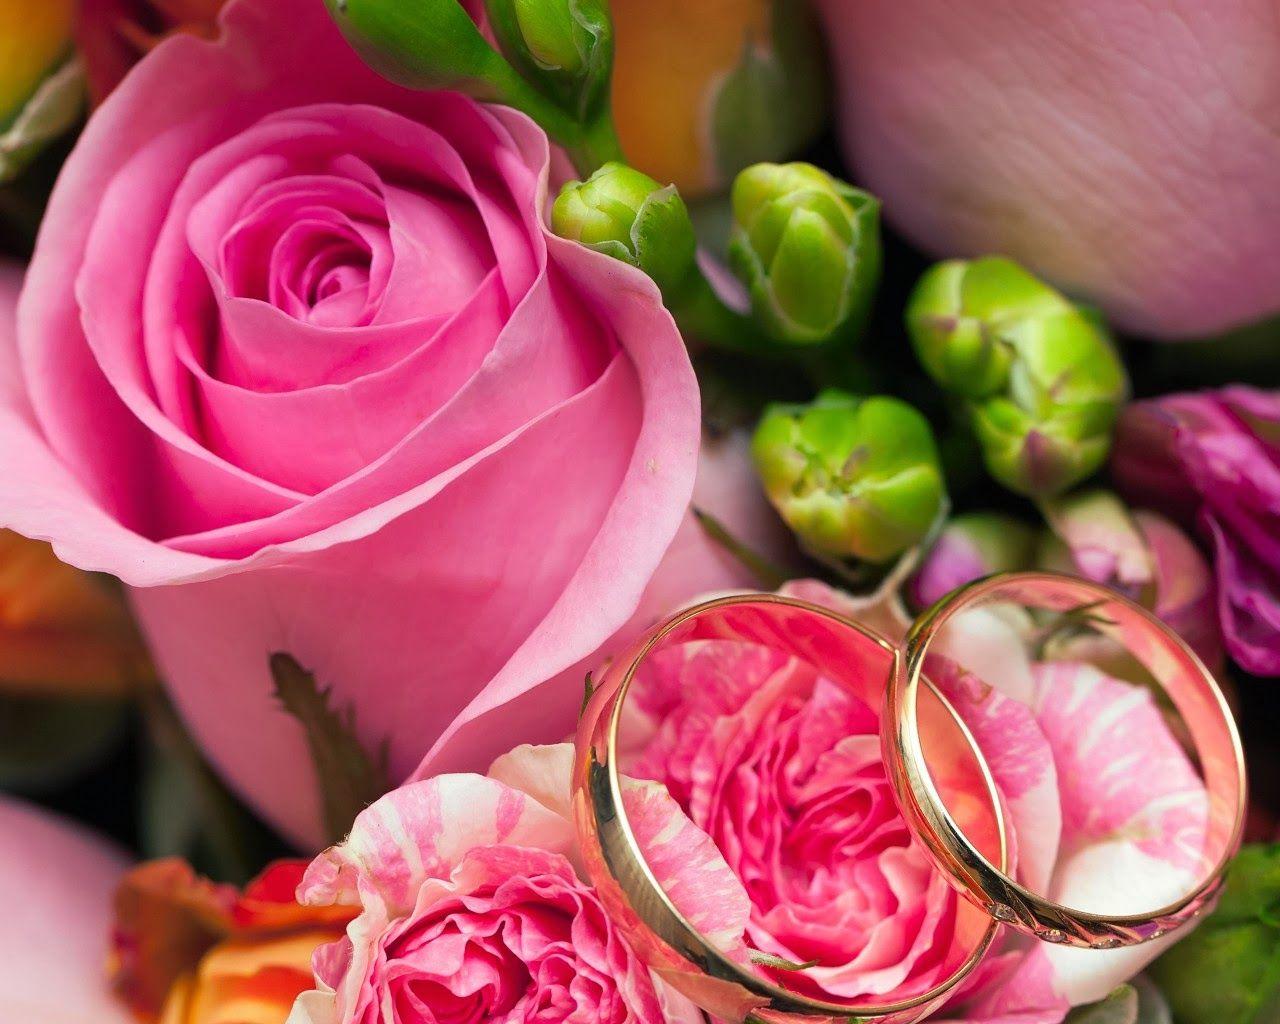 اشكال بوكيهات ورد للعروسة اجمل باقات ورد للخطوبة Pink Rose Flower Flowers Rose Flower